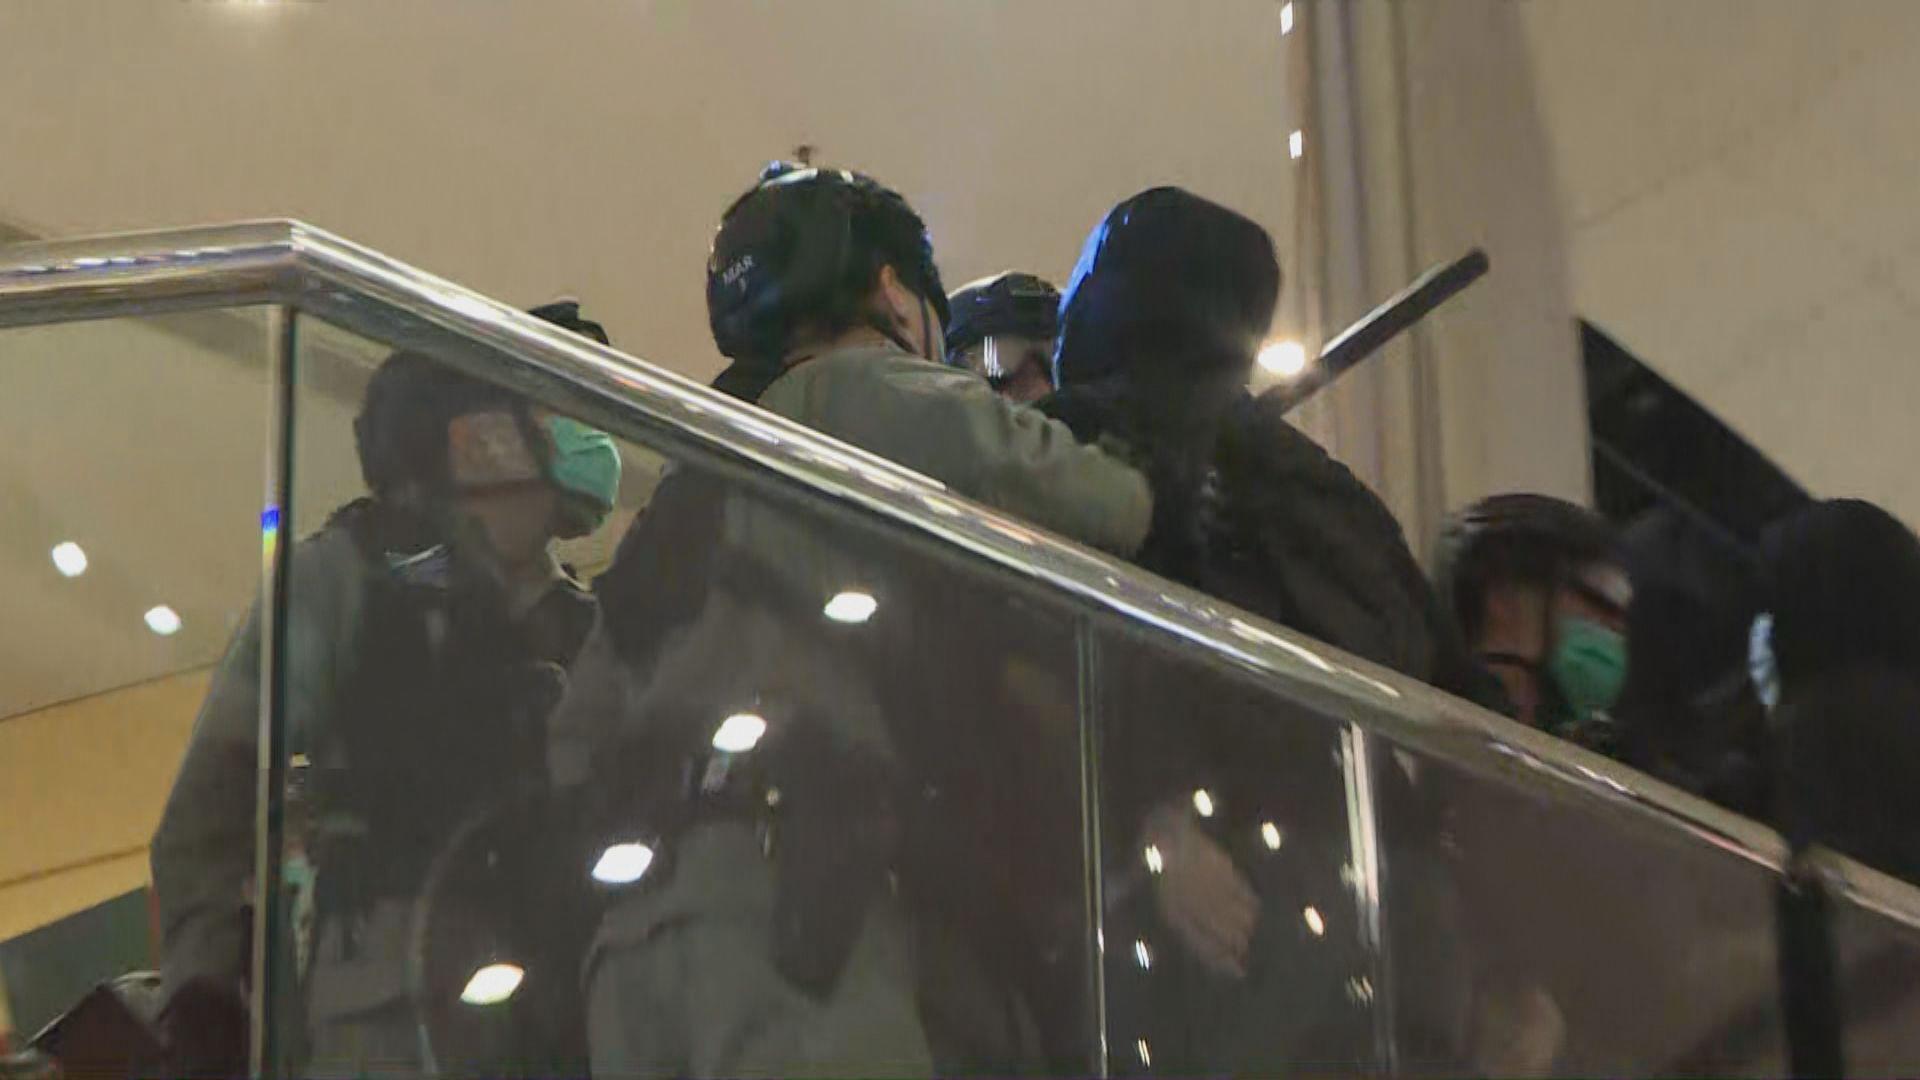 太古城有人聚集 警方多次引用「限聚令」作驅散